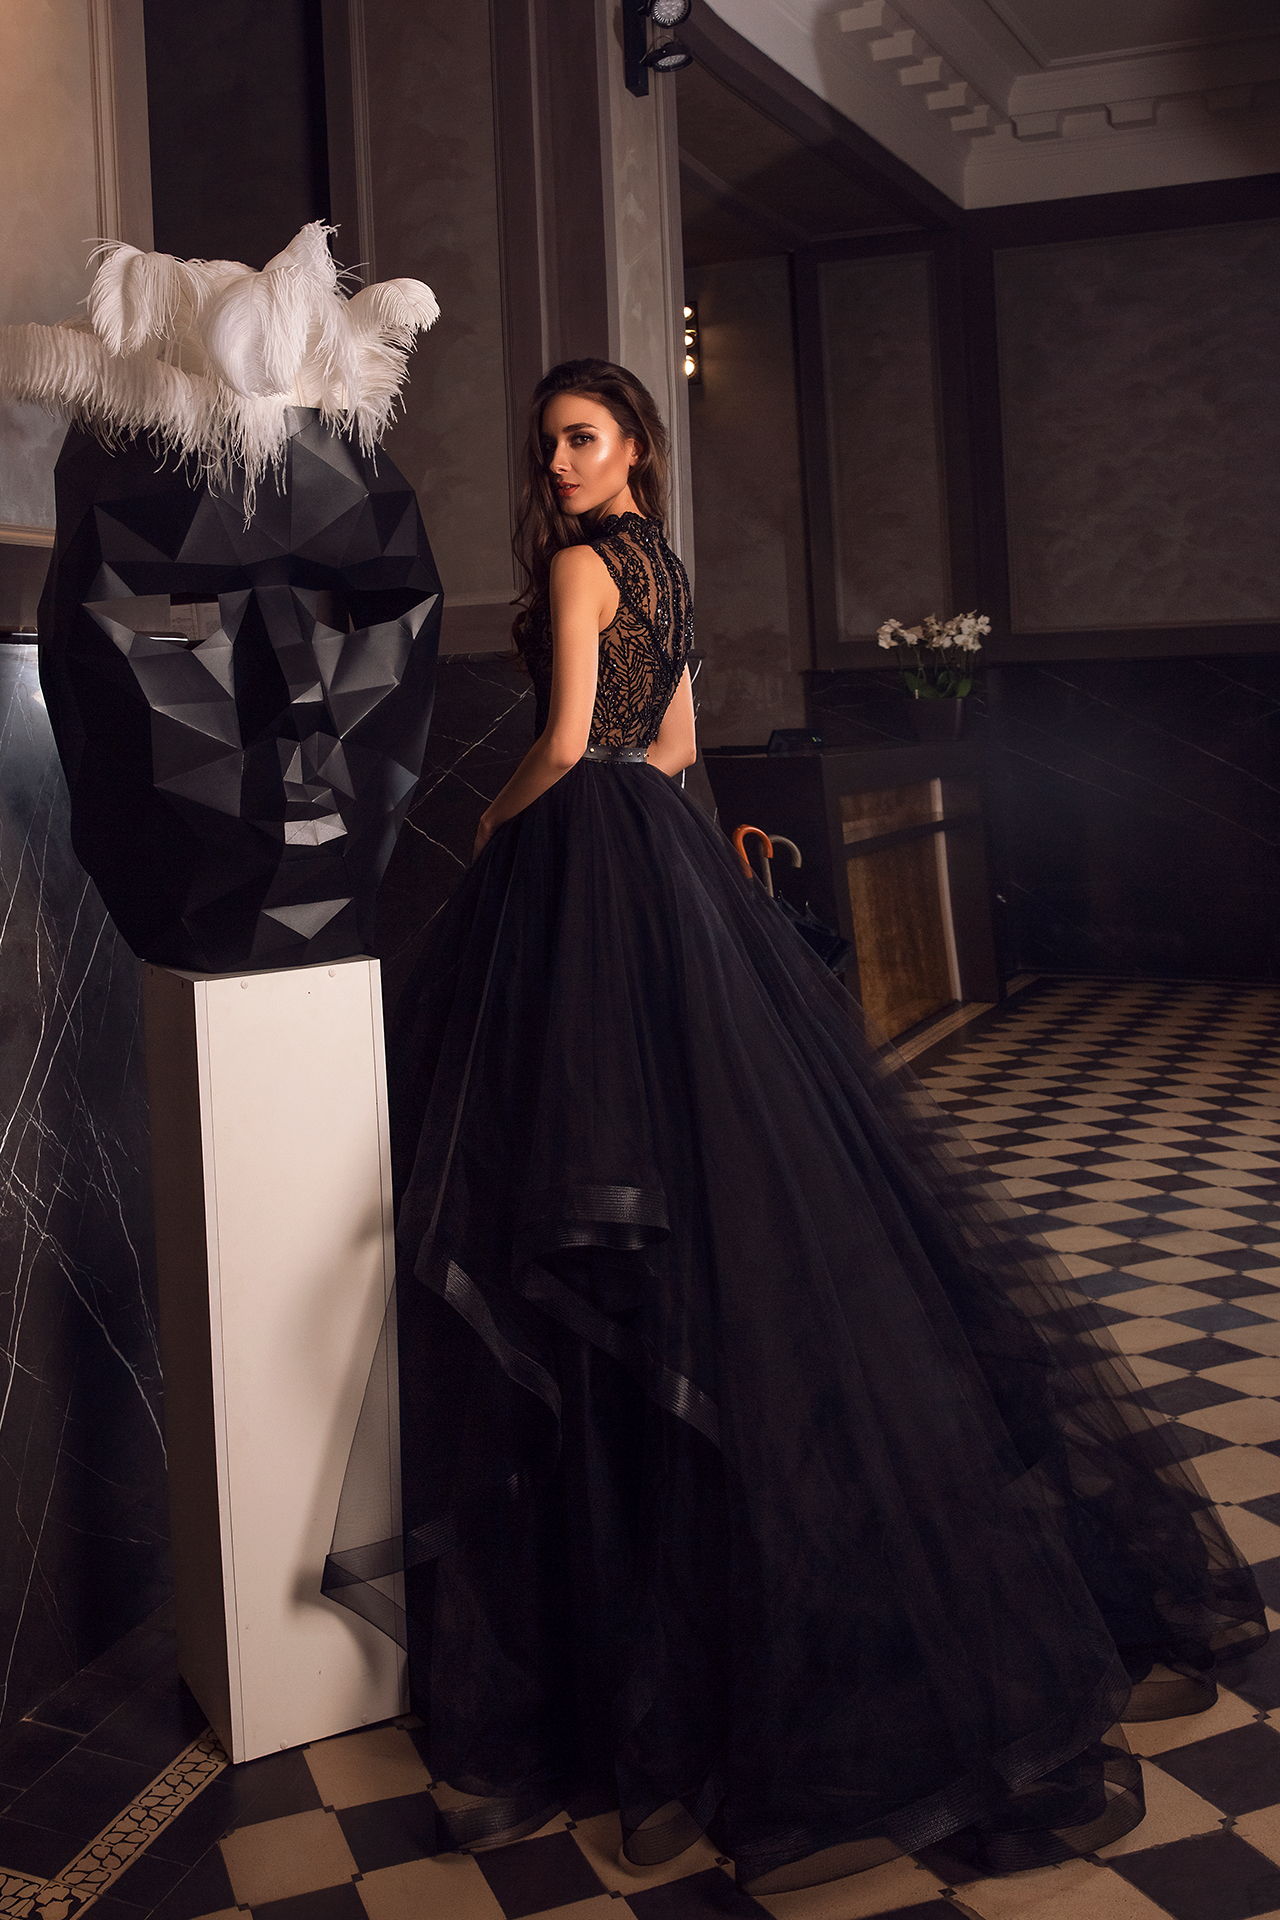 Вечірні сукні 1486 Силует  Пишний  Колір  Чорний  Виріз  Стійка  Рукави  Без рукавів  Шлейф  З шлейфом - Фото 3